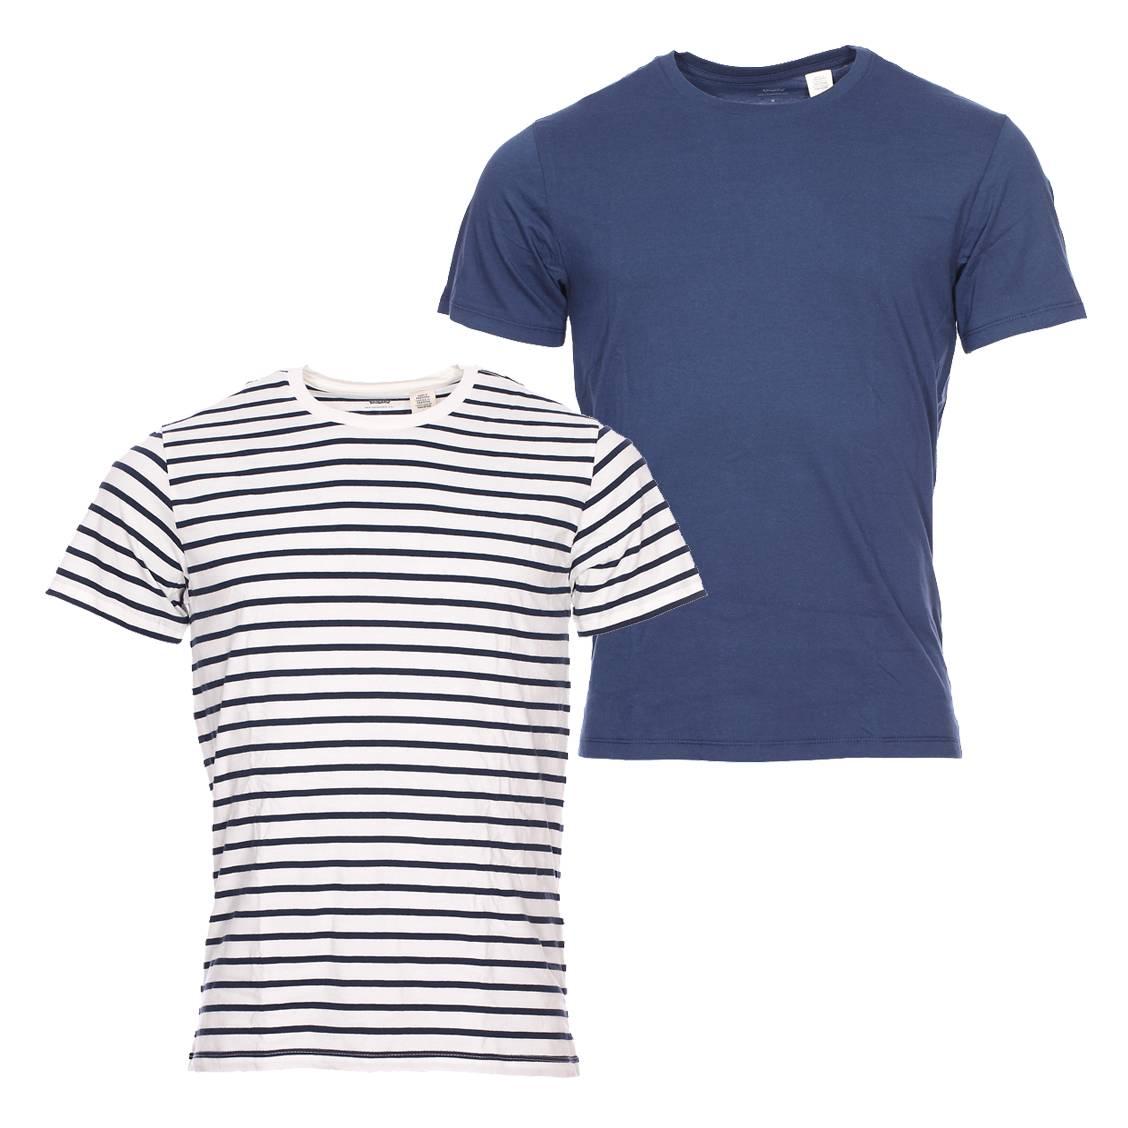 Lot de 2 tee-shirts col rond Levi's en coton : 1 bleu marine et ...